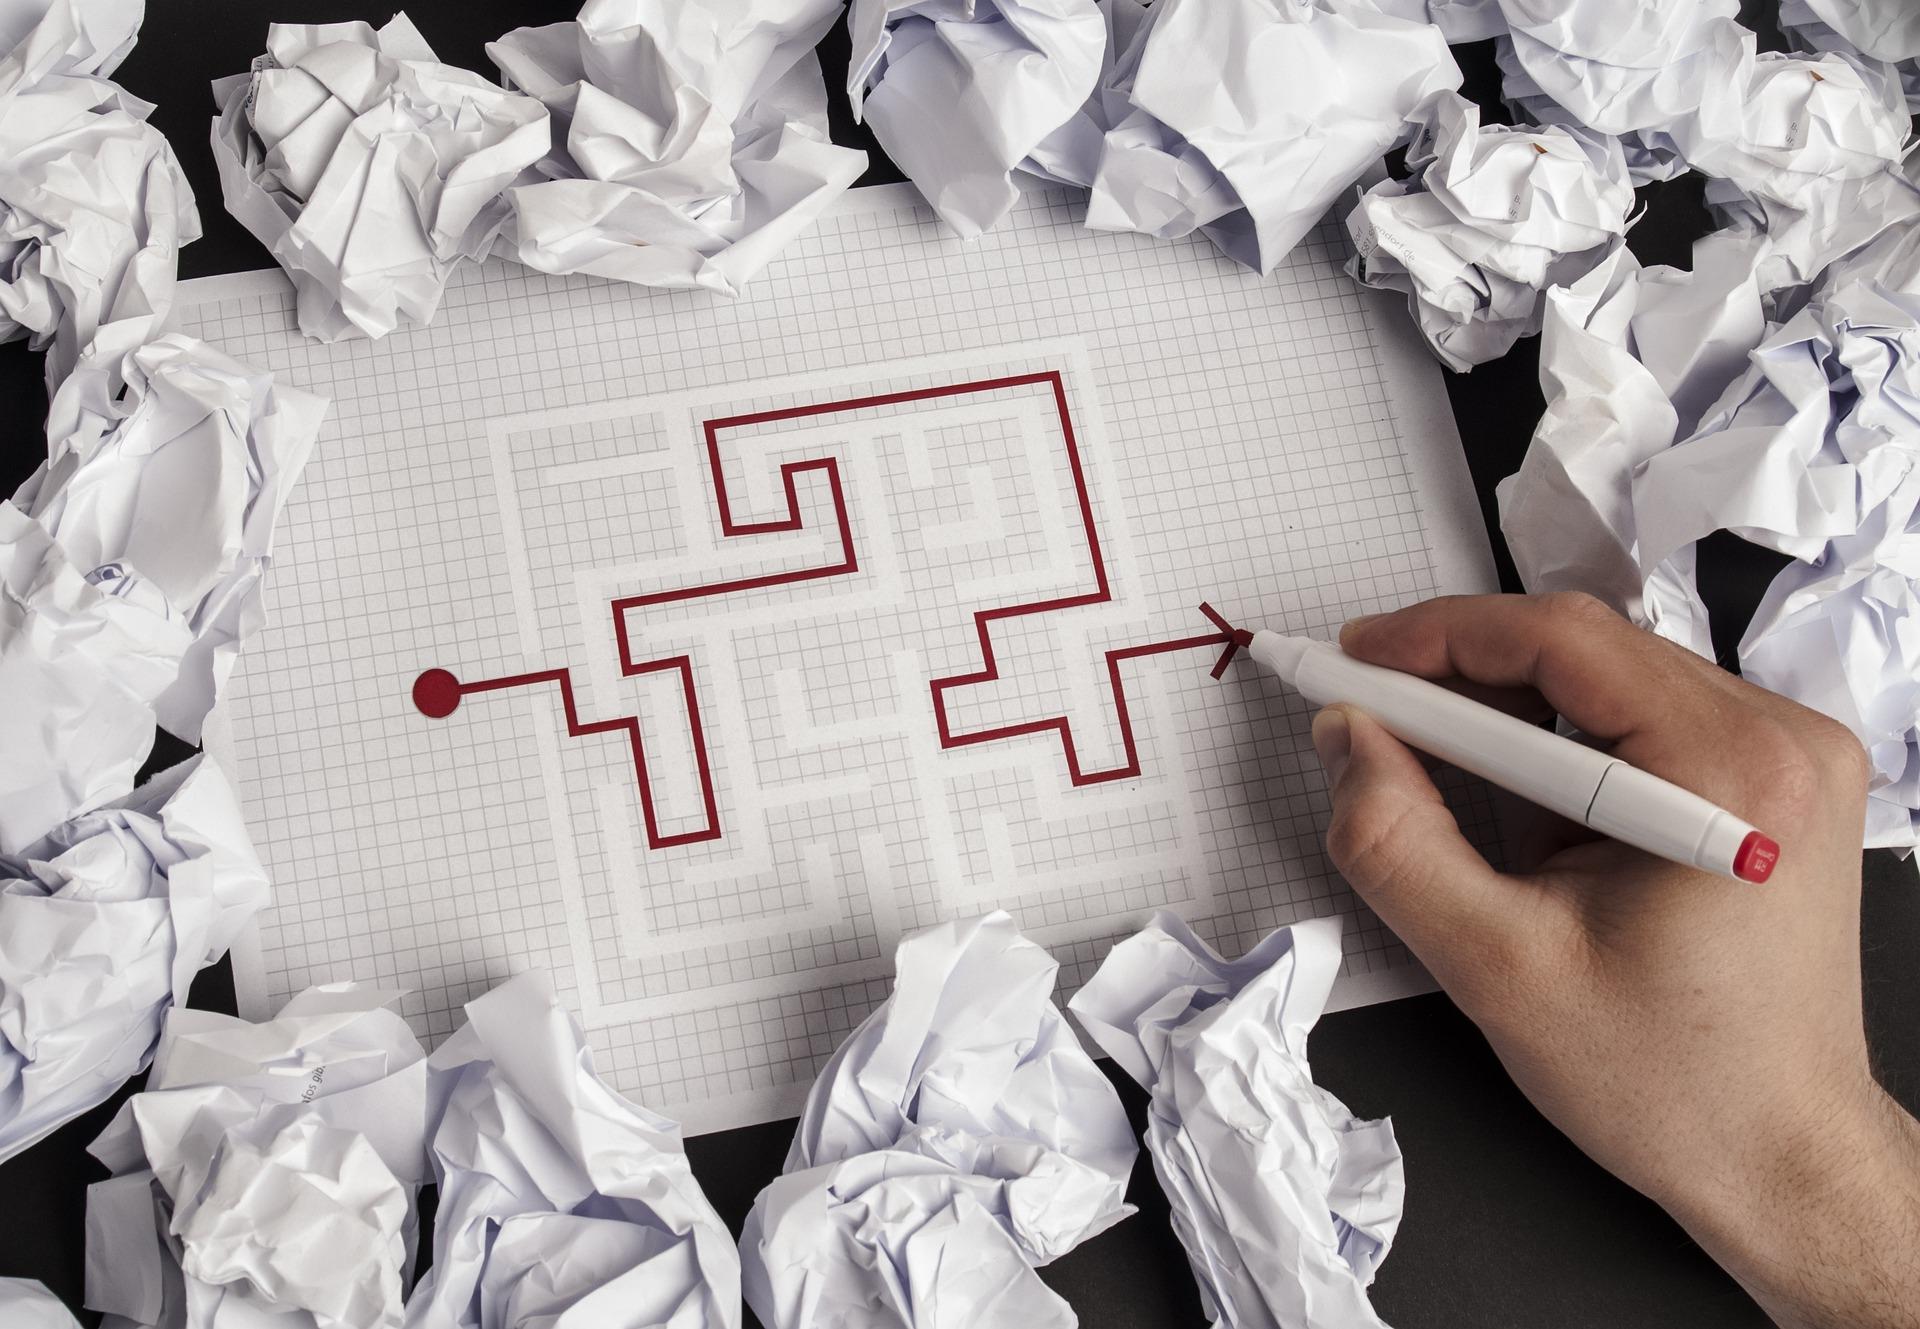 Plano de desenvolvimento, carreira, planejamento